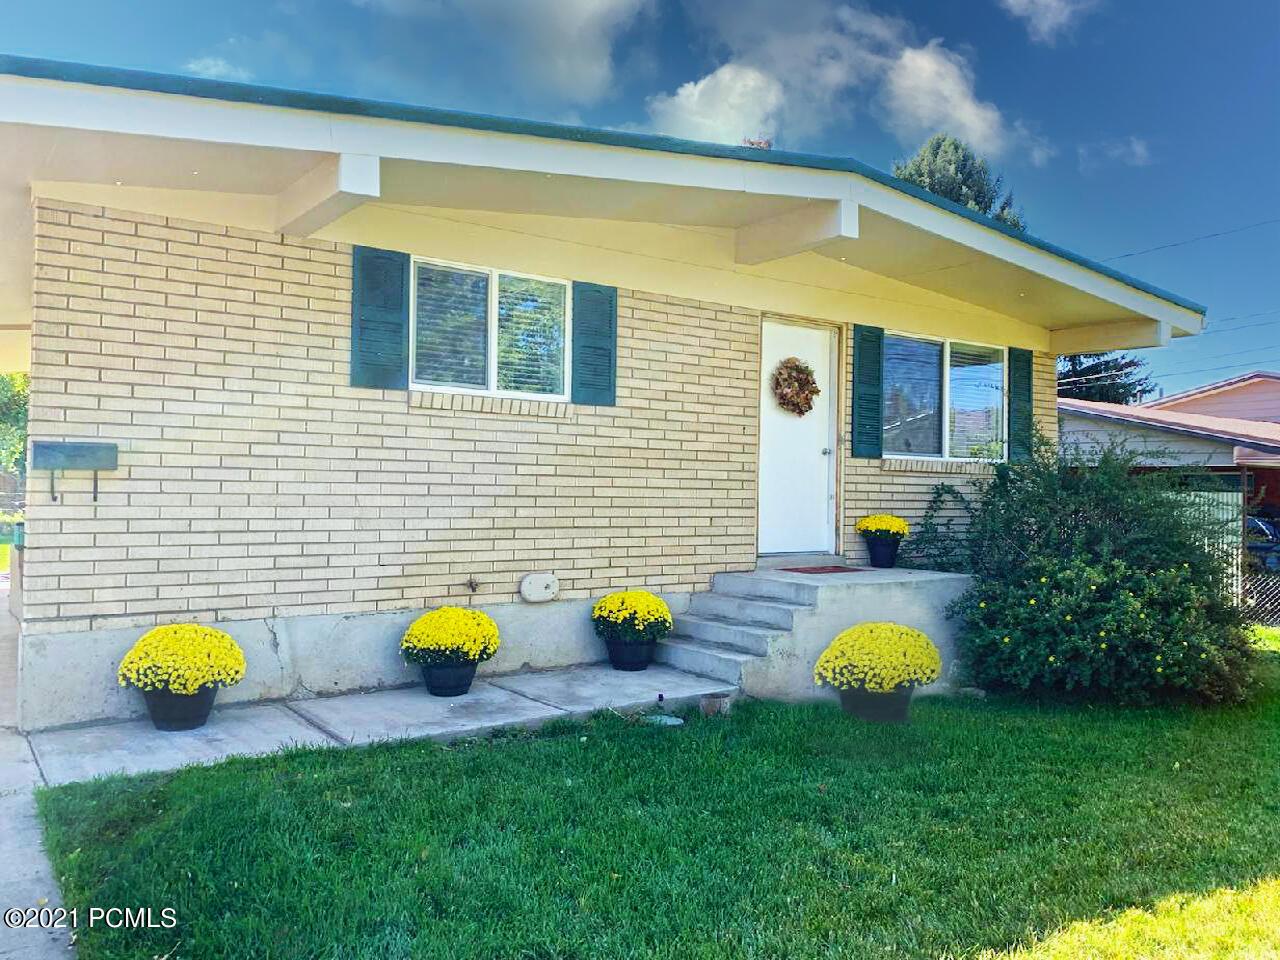 386 400 N, Heber City, Utah 84032, 4 Bedrooms Bedrooms, ,2 BathroomsBathrooms,Single Family,For Sale,400 N,12103915